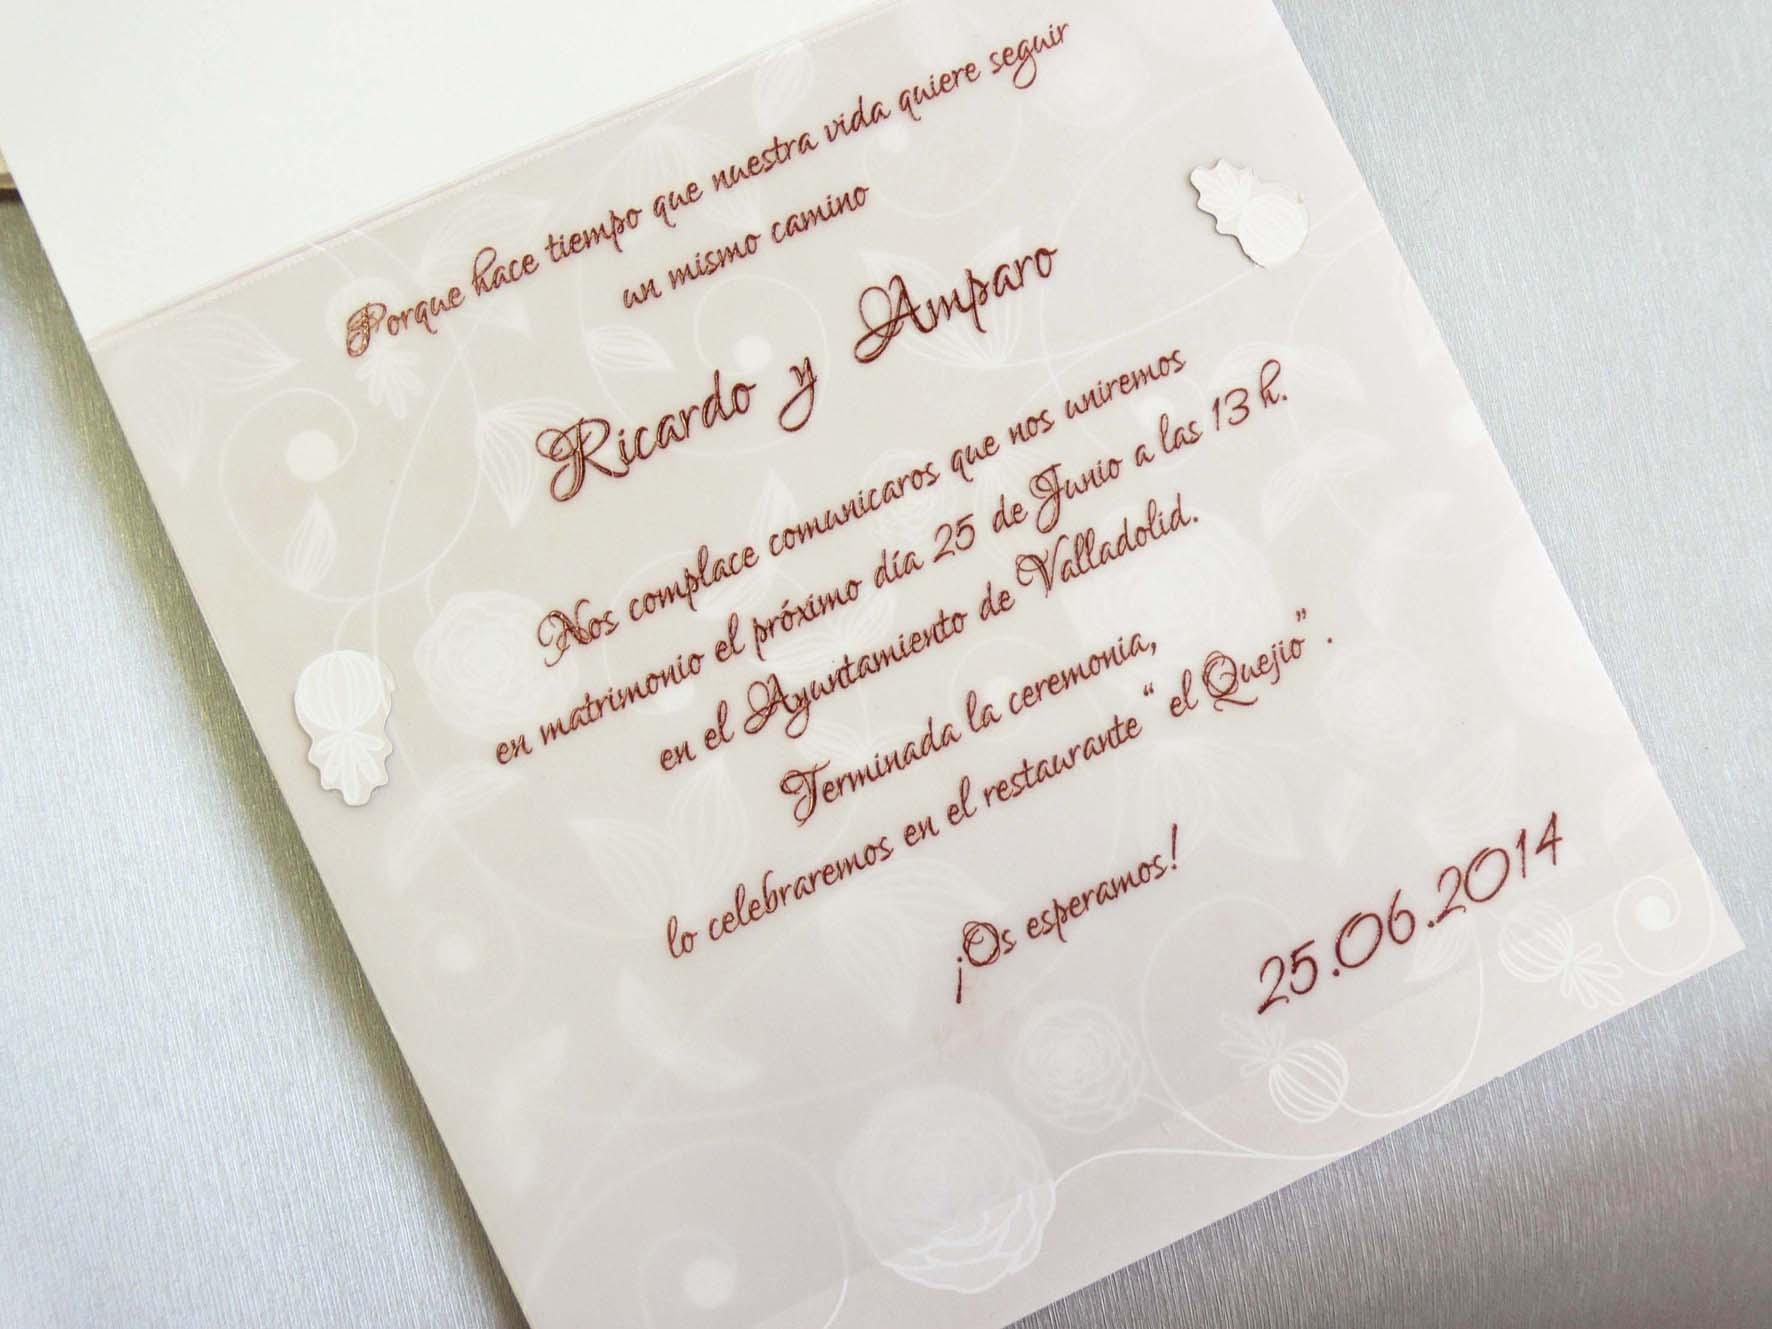 Invitaci n de boda 32801 - Como preparar una boda ...